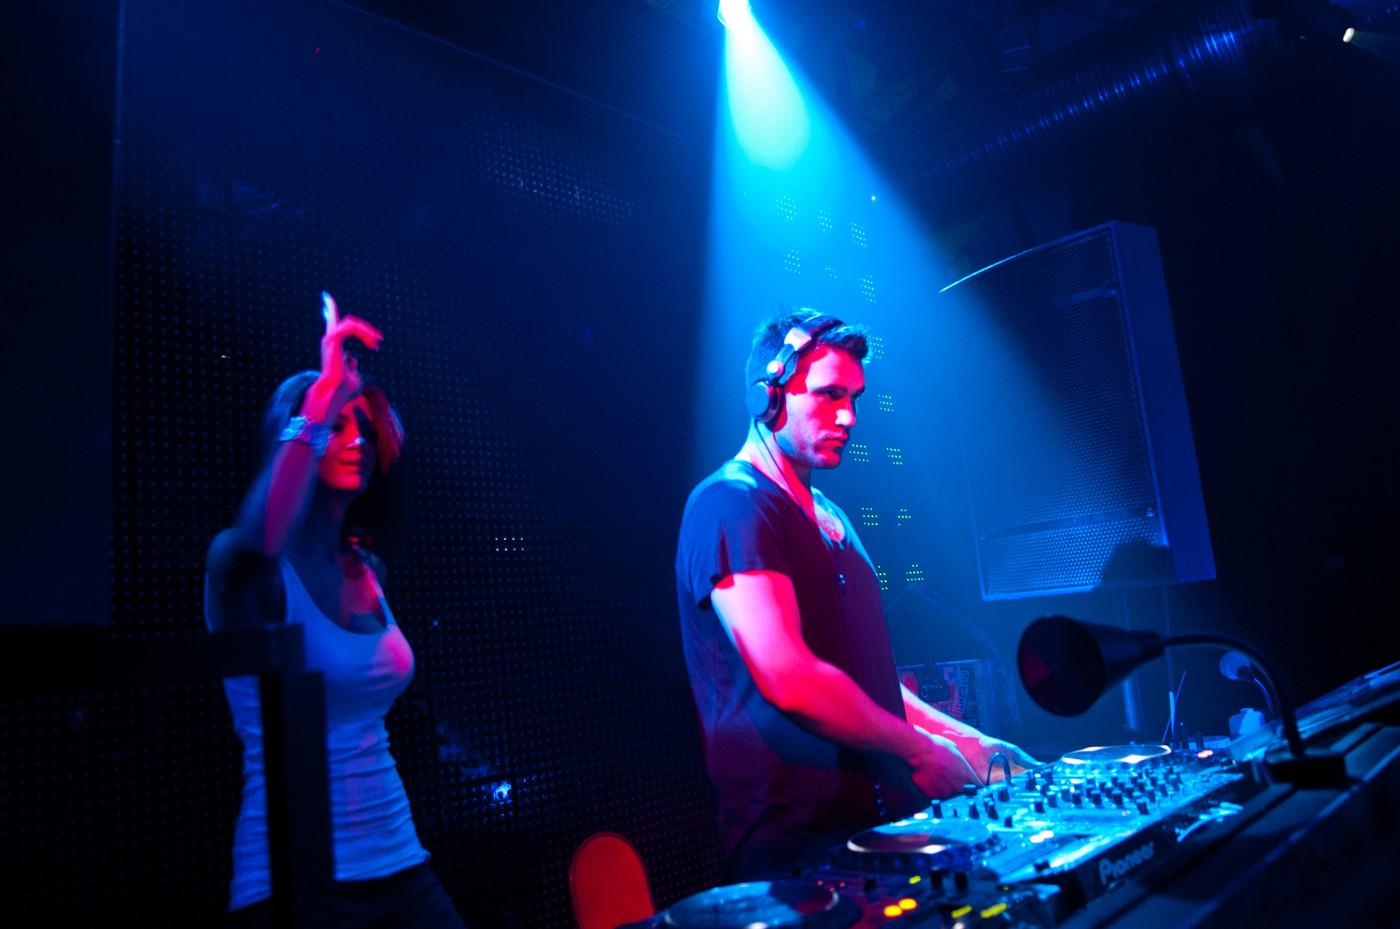 DJ Danila